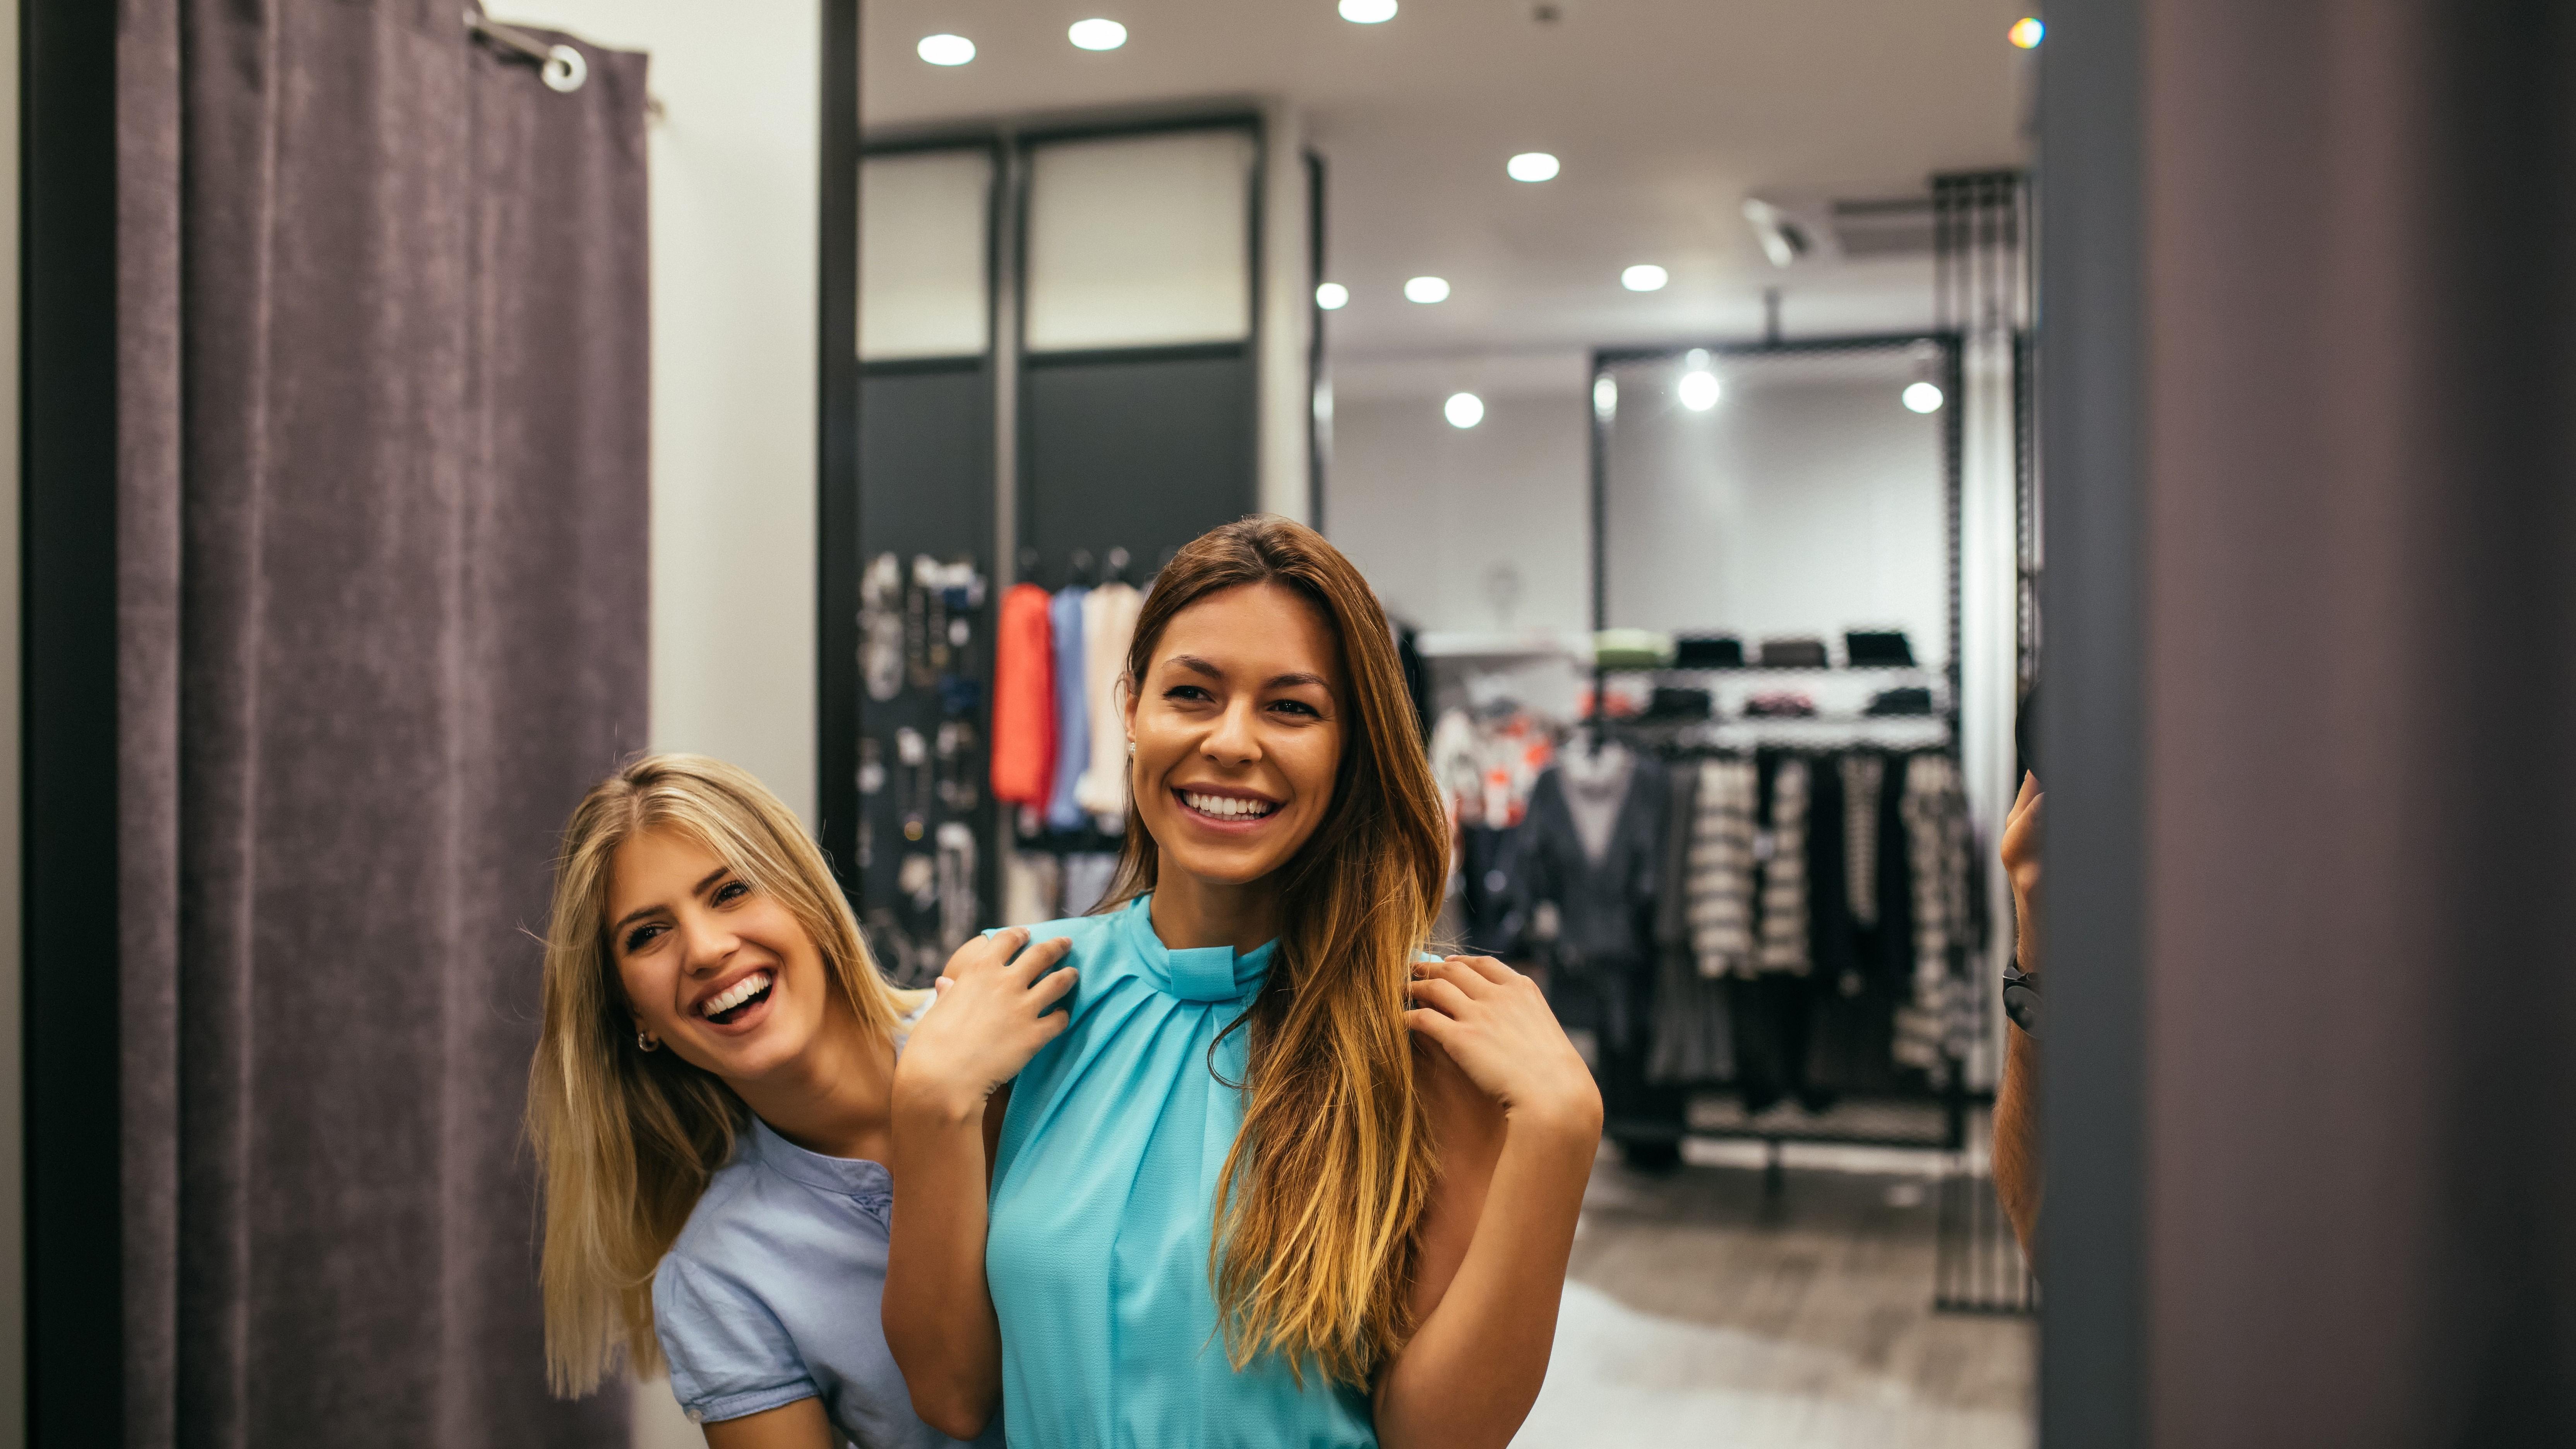 Mağaza içi müzik yayını müşteriyi nasıl etkiliyor?